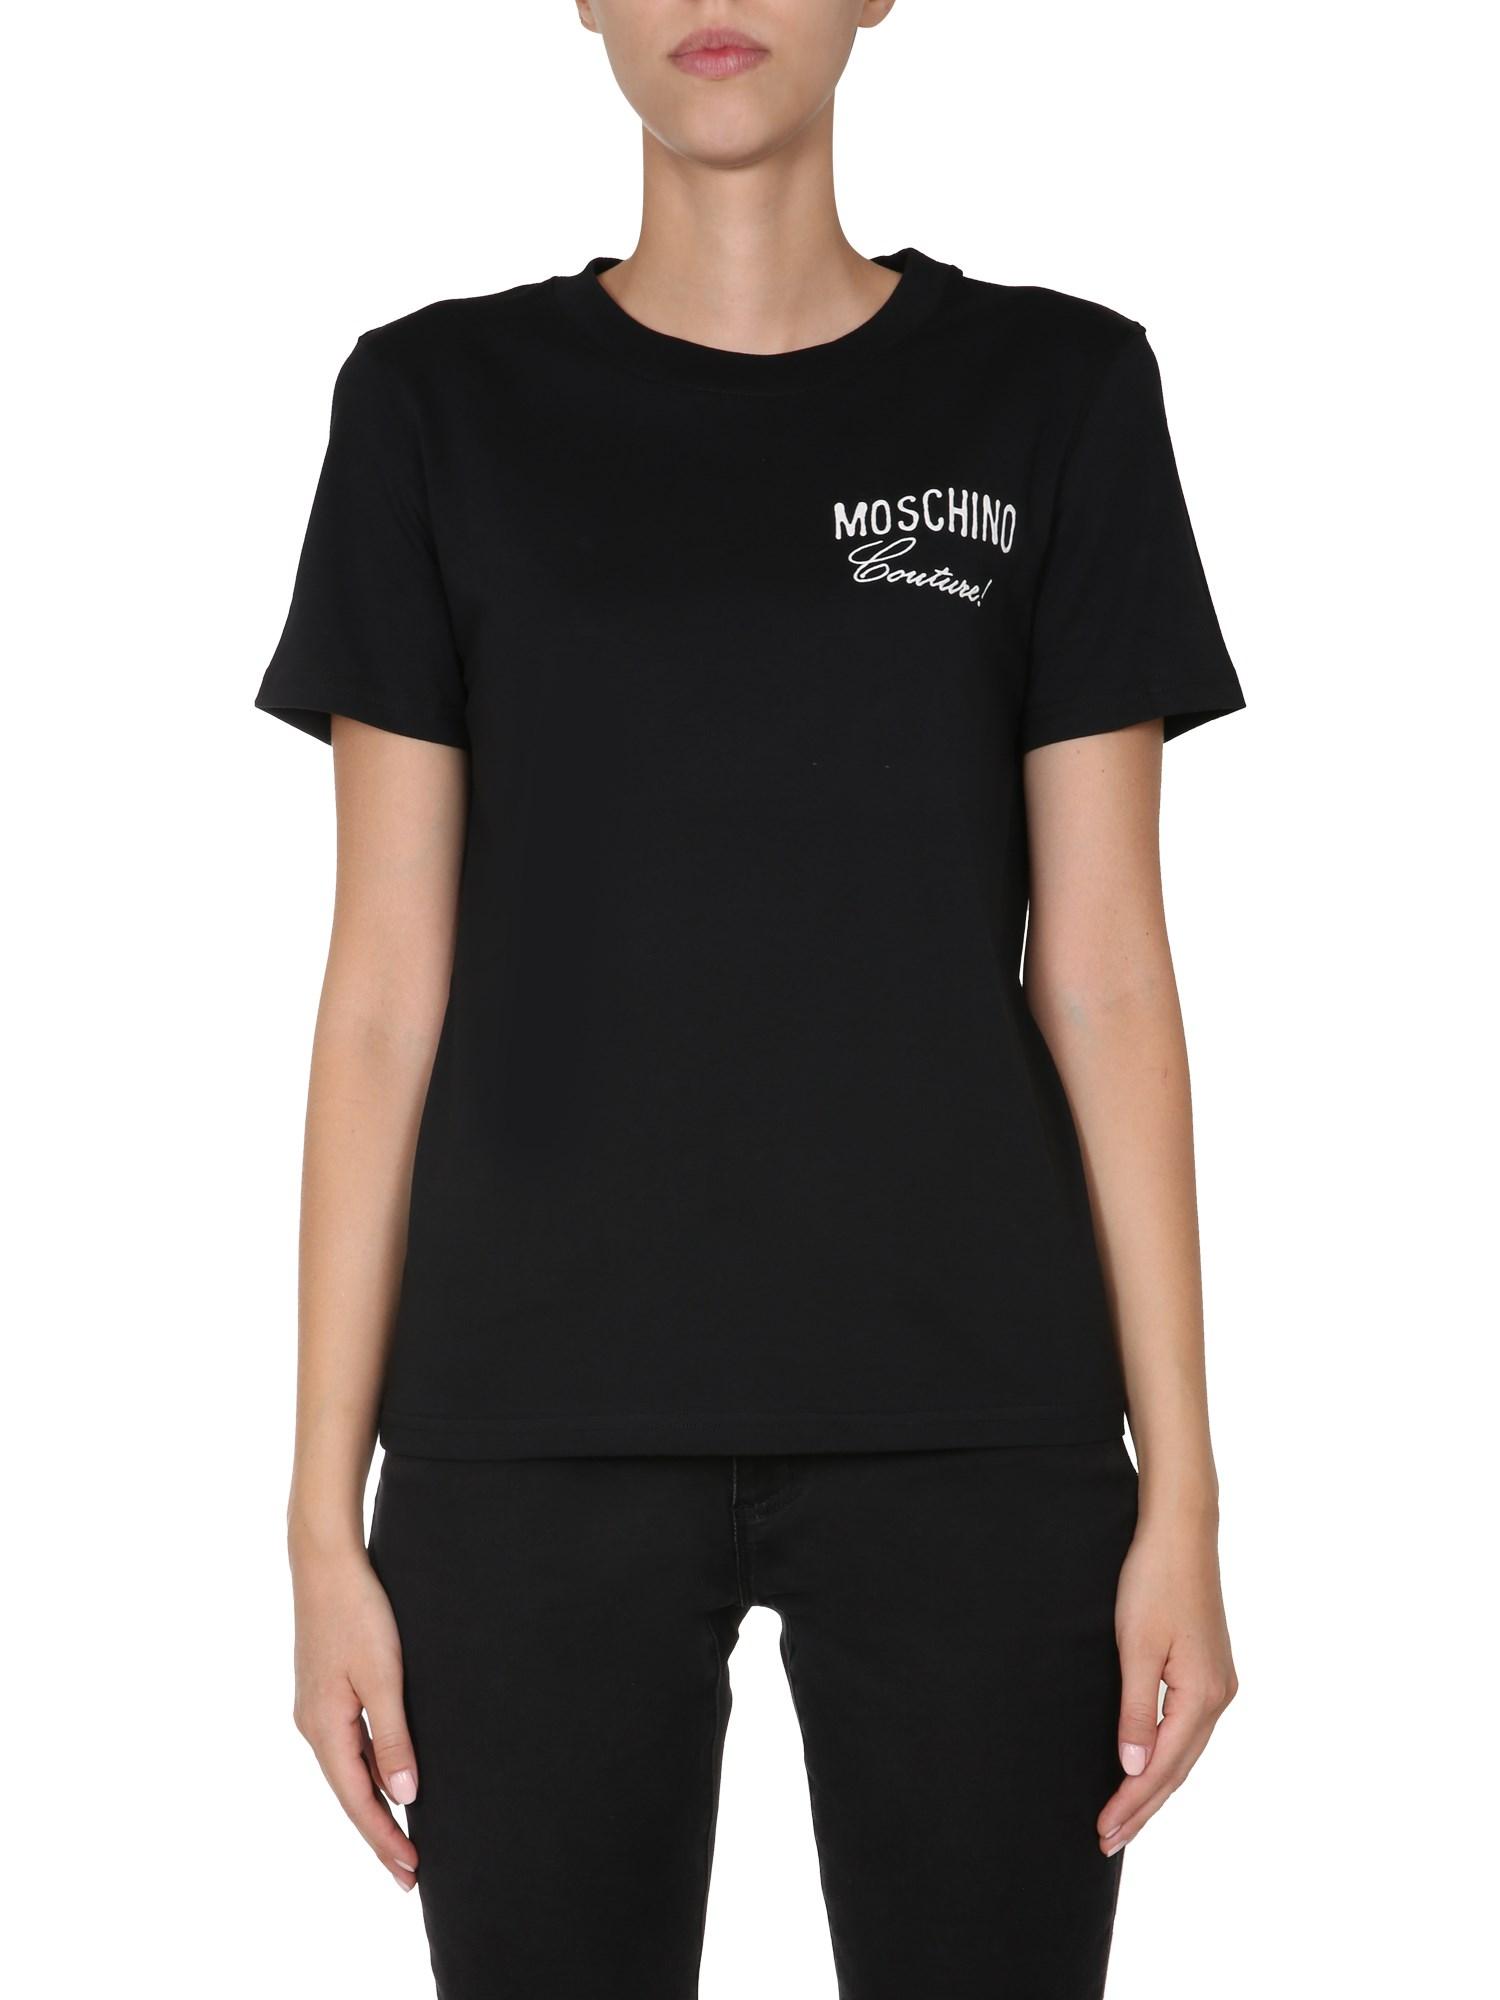 Moschino T-shirts ROUND NECK T-SHIRT